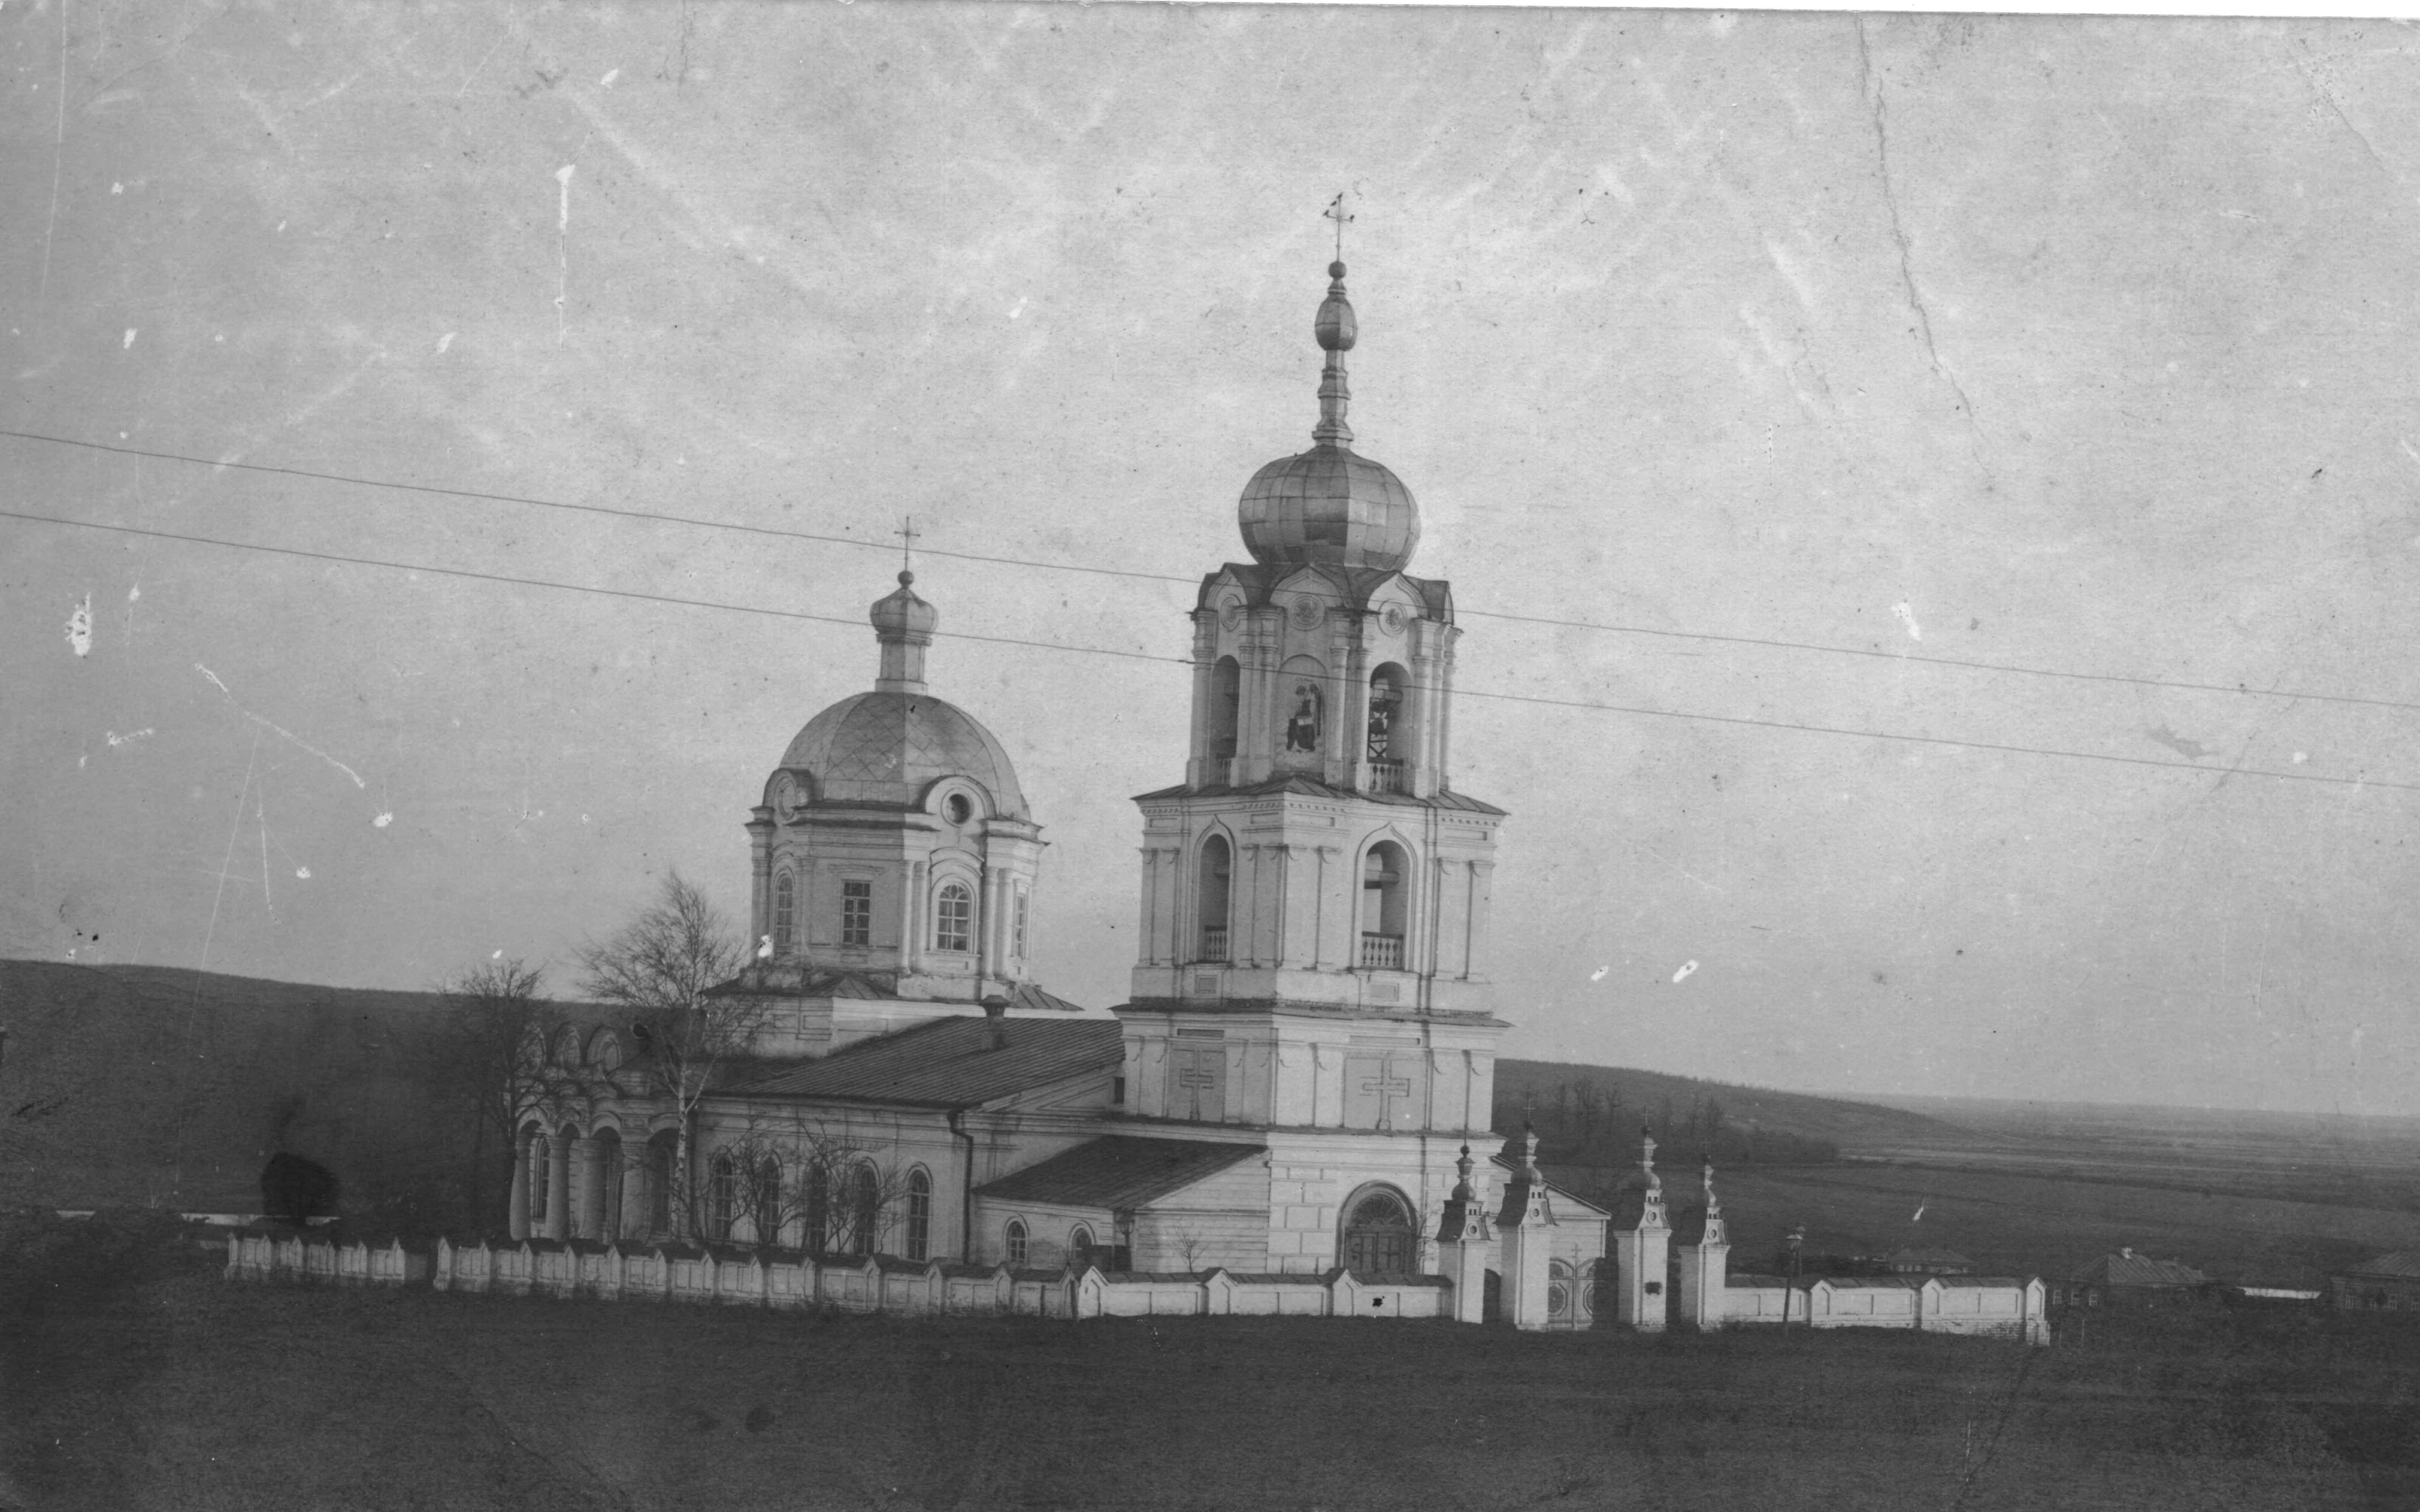 Никольская церковь находилась на месте второй школы , вид со стороны пенсионного фонда - Чембар_Никольская_церковь.jpg